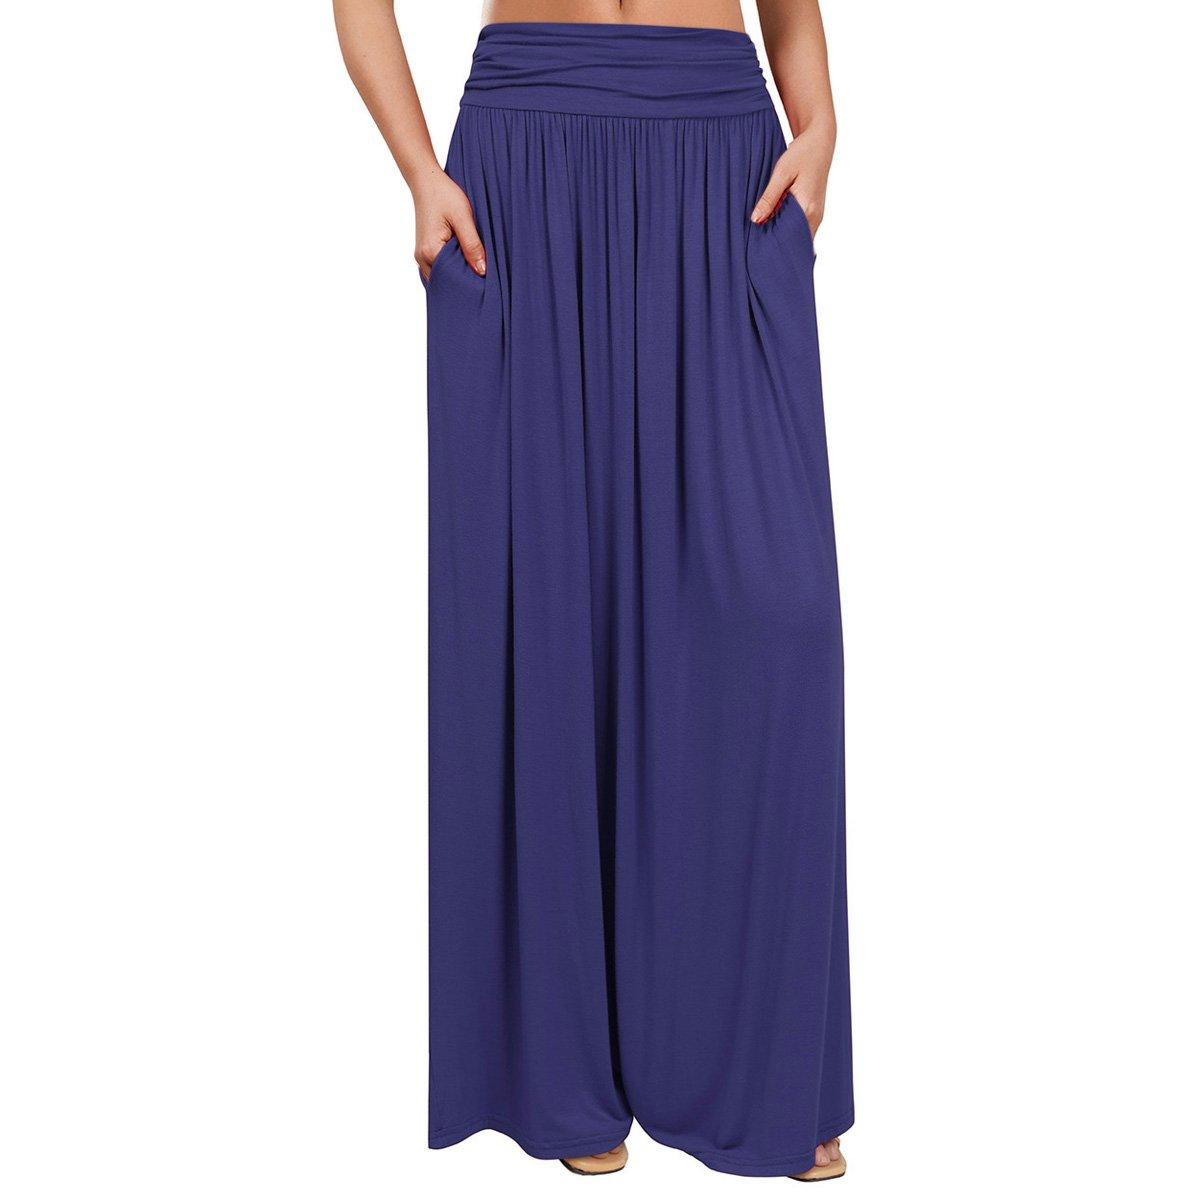 VeryAnn Women's High Waist Fold Over Long Maxi Shirring Skirt with Pockets